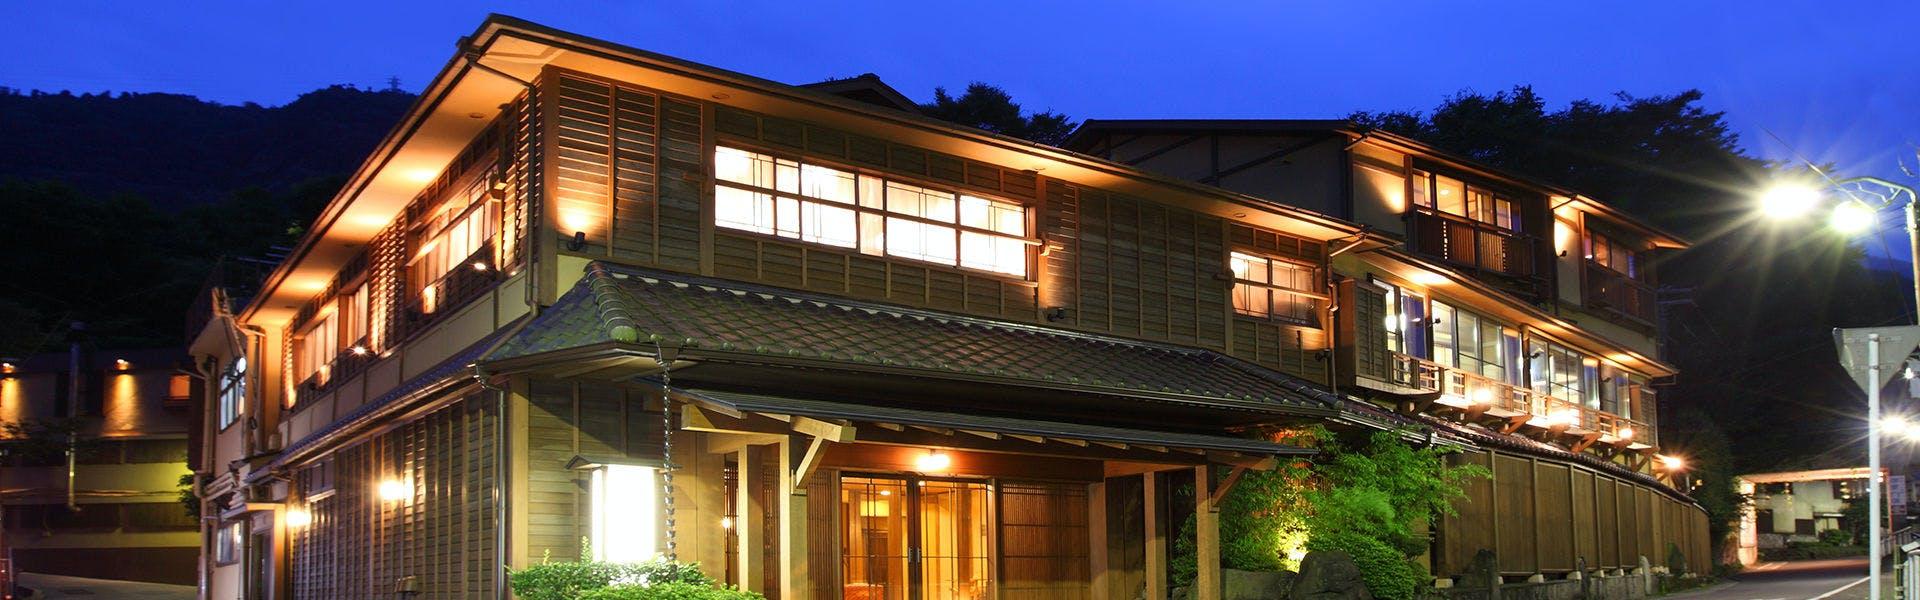 記念日におすすめのホテル・【結いの宿 彌榮館】の写真1